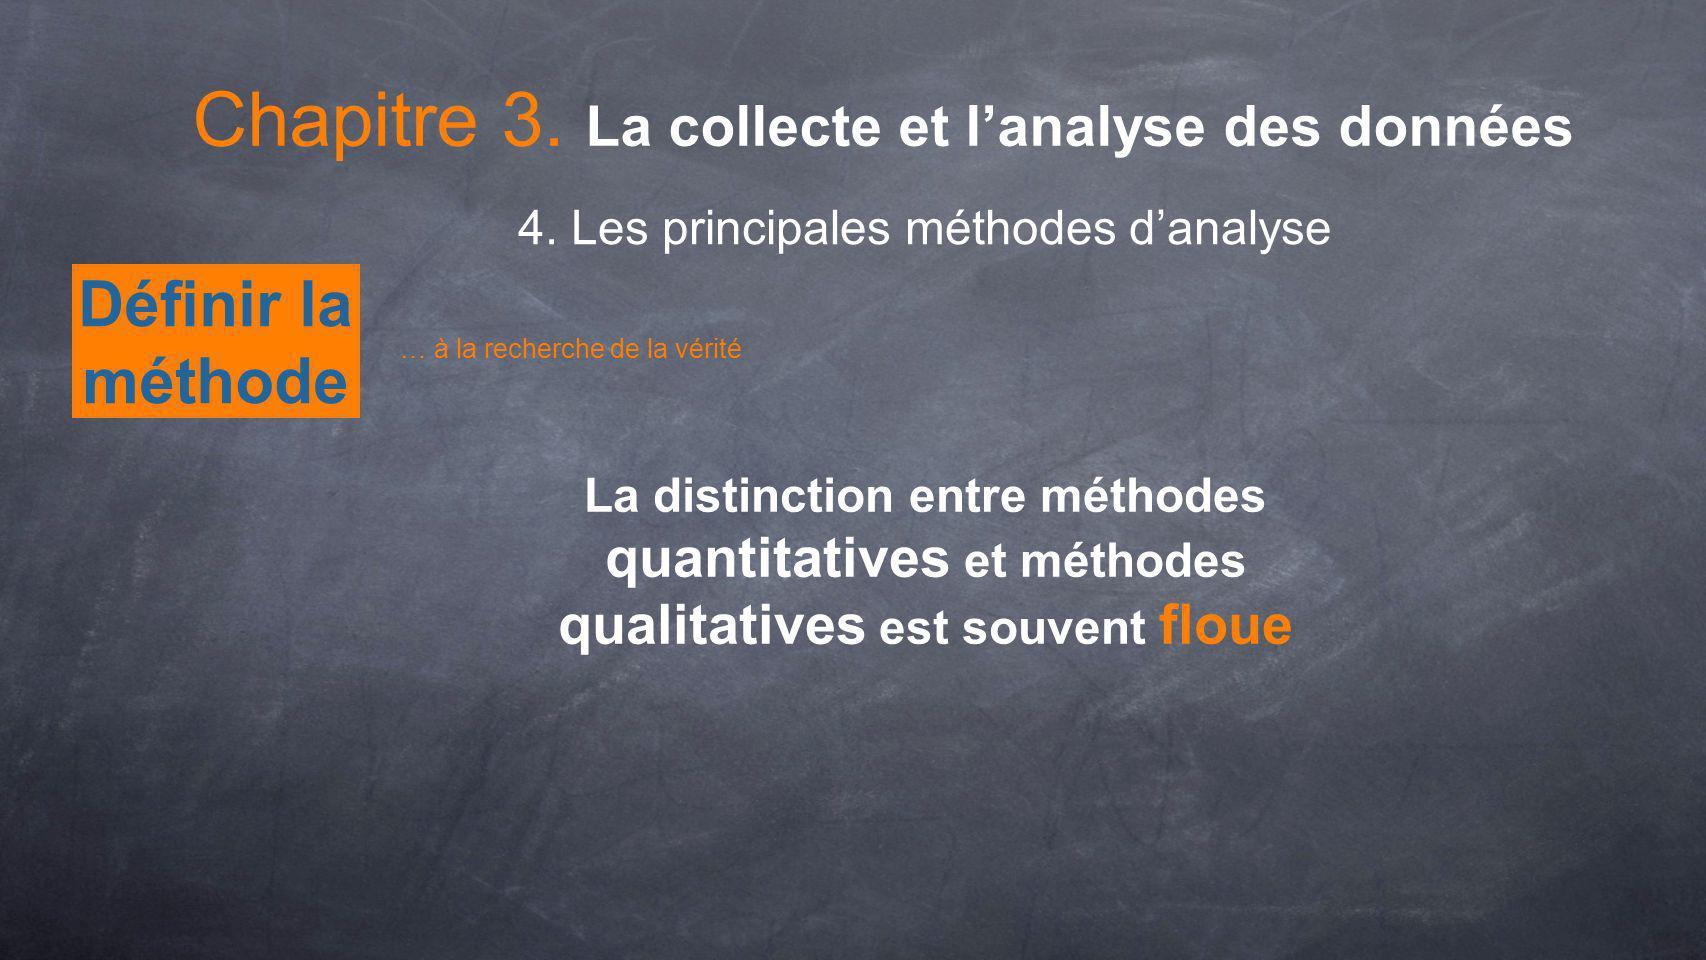 Définir la méthode Chapitre 3. La collecte et lanalyse des données 4. Les principales méthodes danalyse … à la recherche de la vérité La distinction e